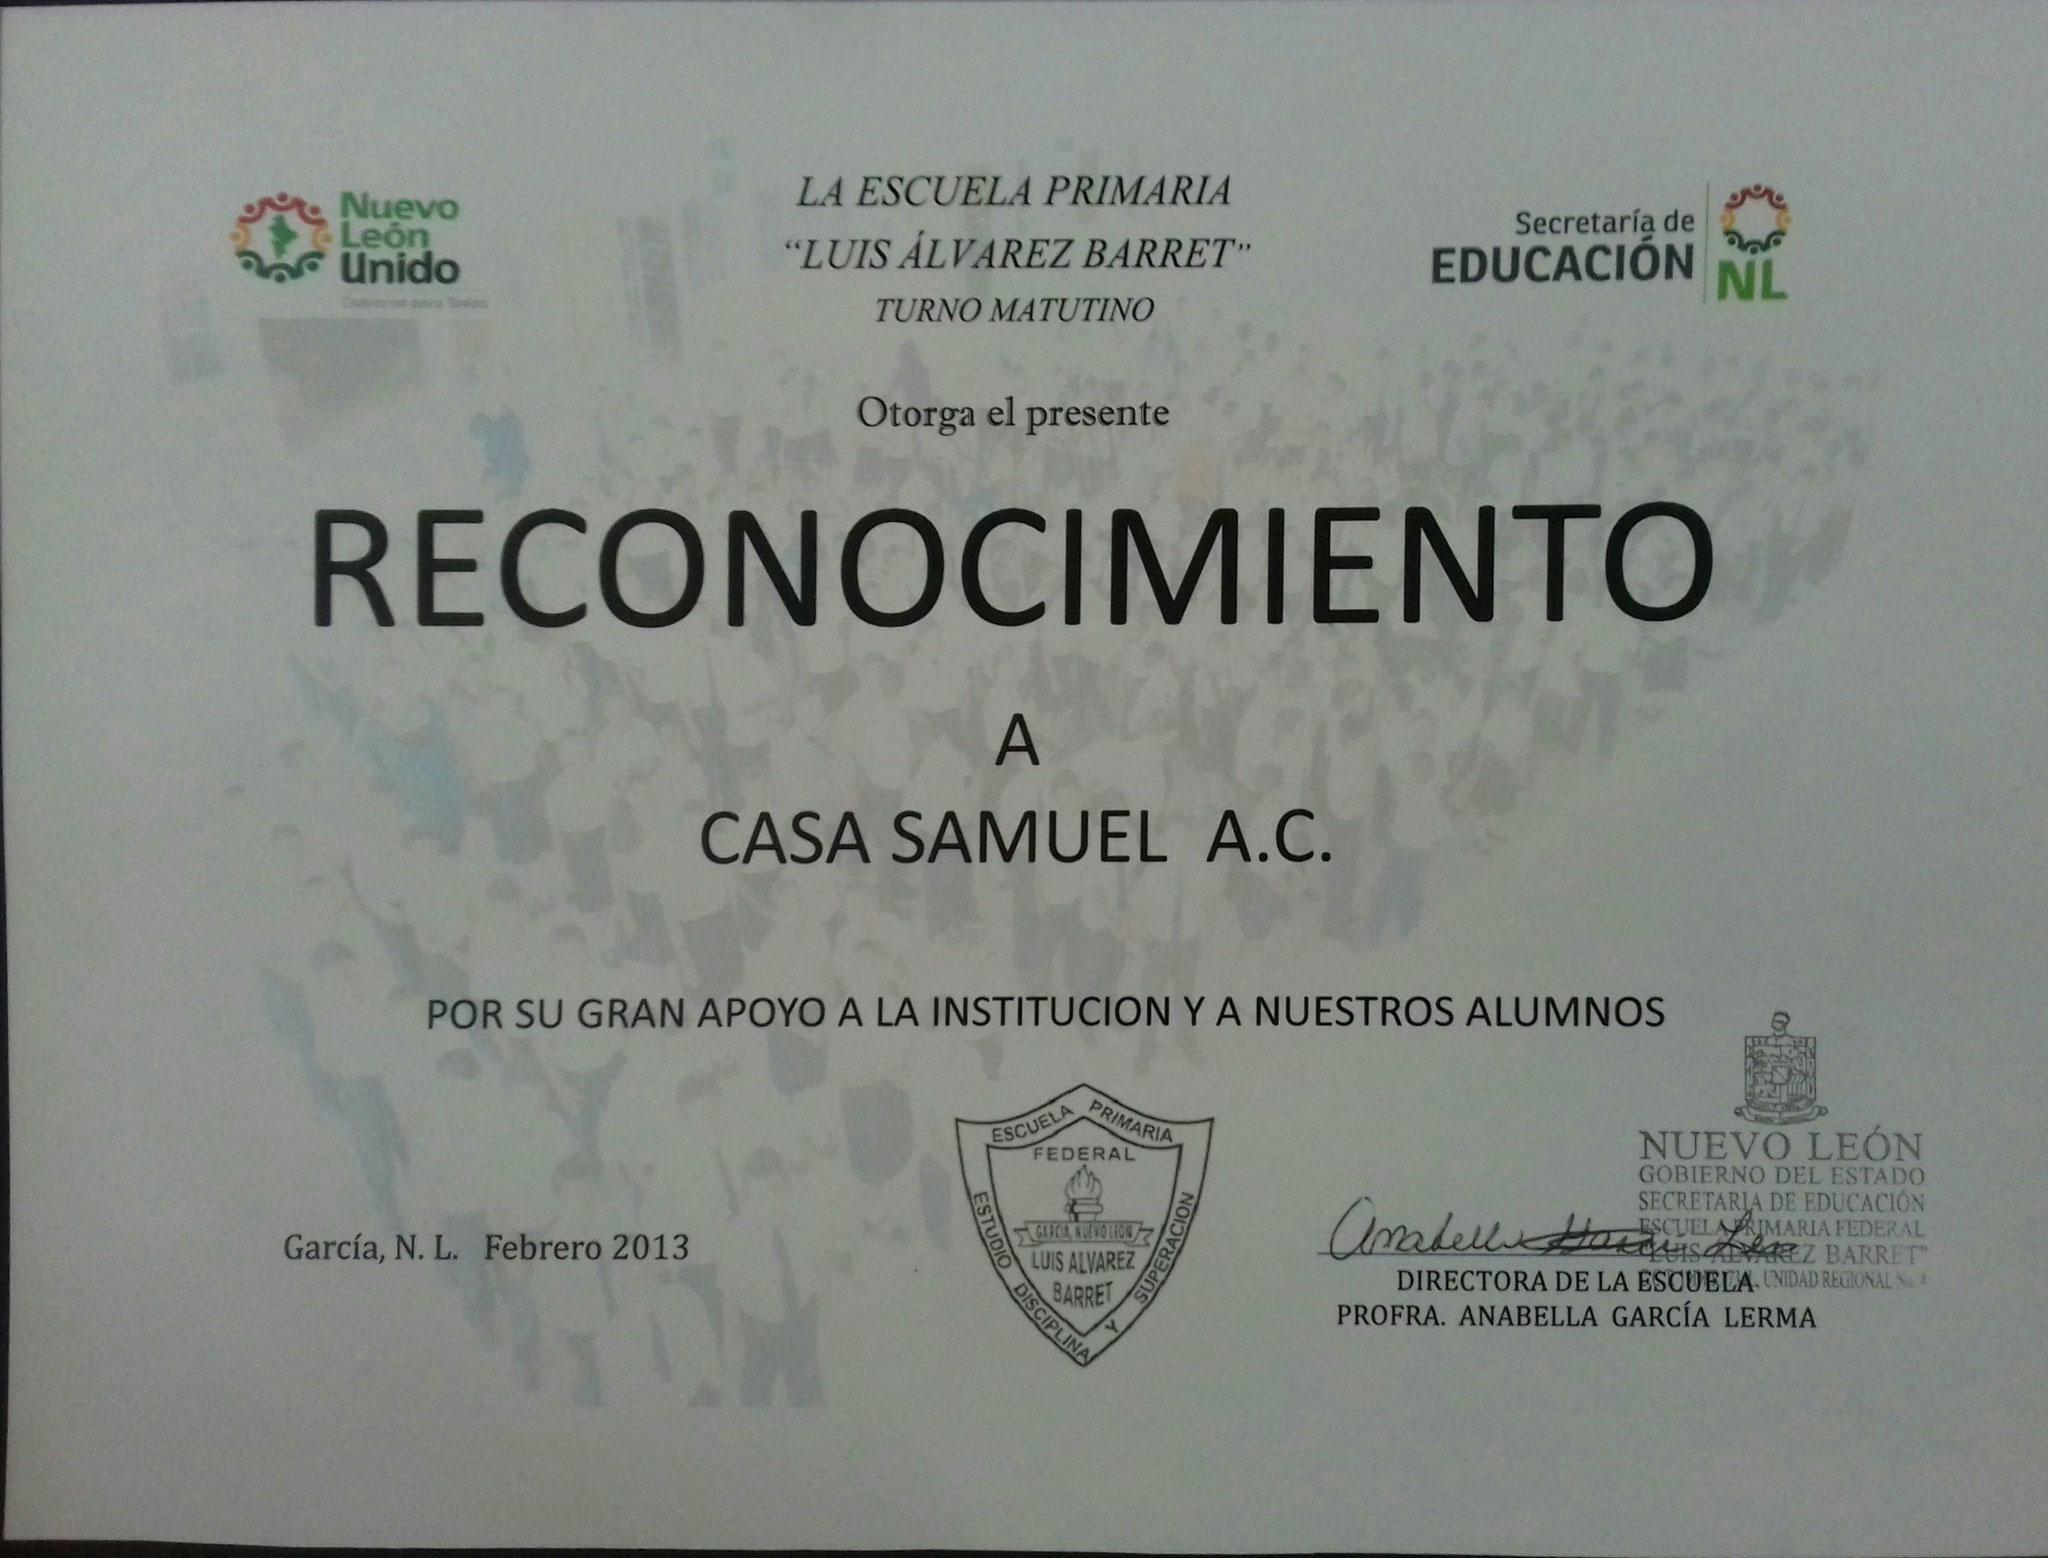 RECONOCIMIENTO ESCUELA LUIS ALBAREZ BARRET Y SECRETARIA DE EDUCACION PUBLICA 2013